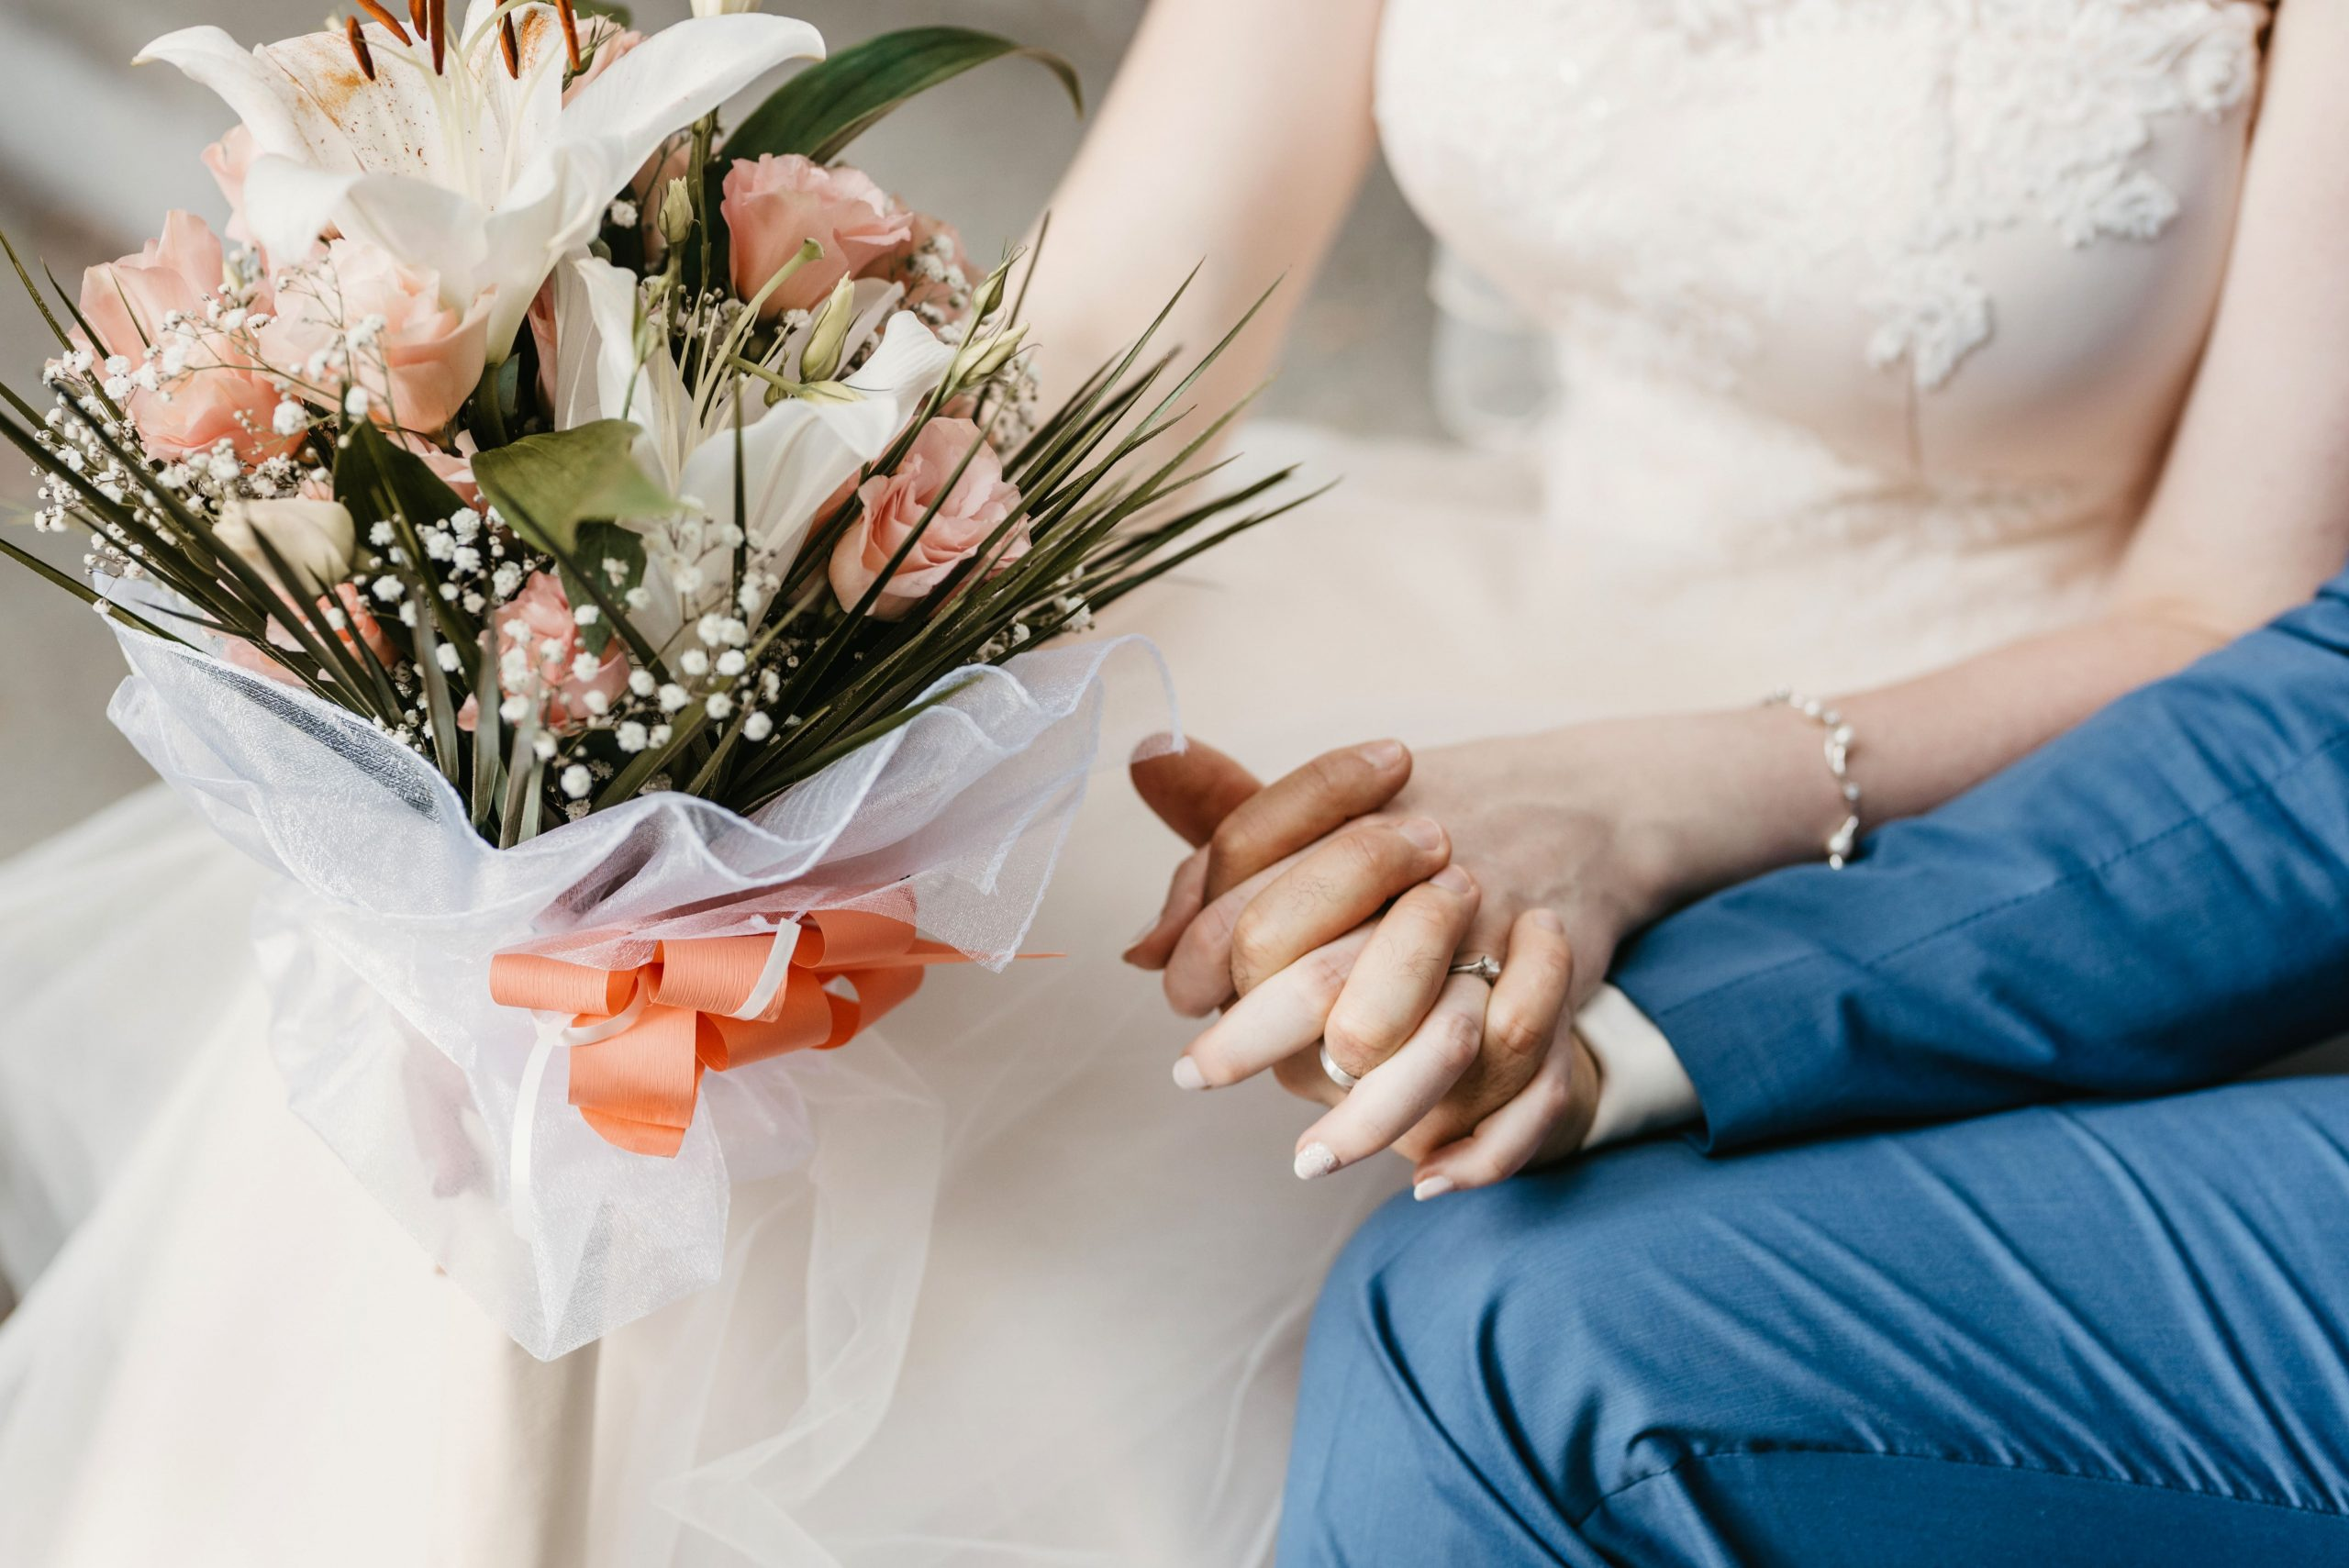 結婚占い|驚くほどわかる◆あなたの結婚相手の見た目/性格/名前